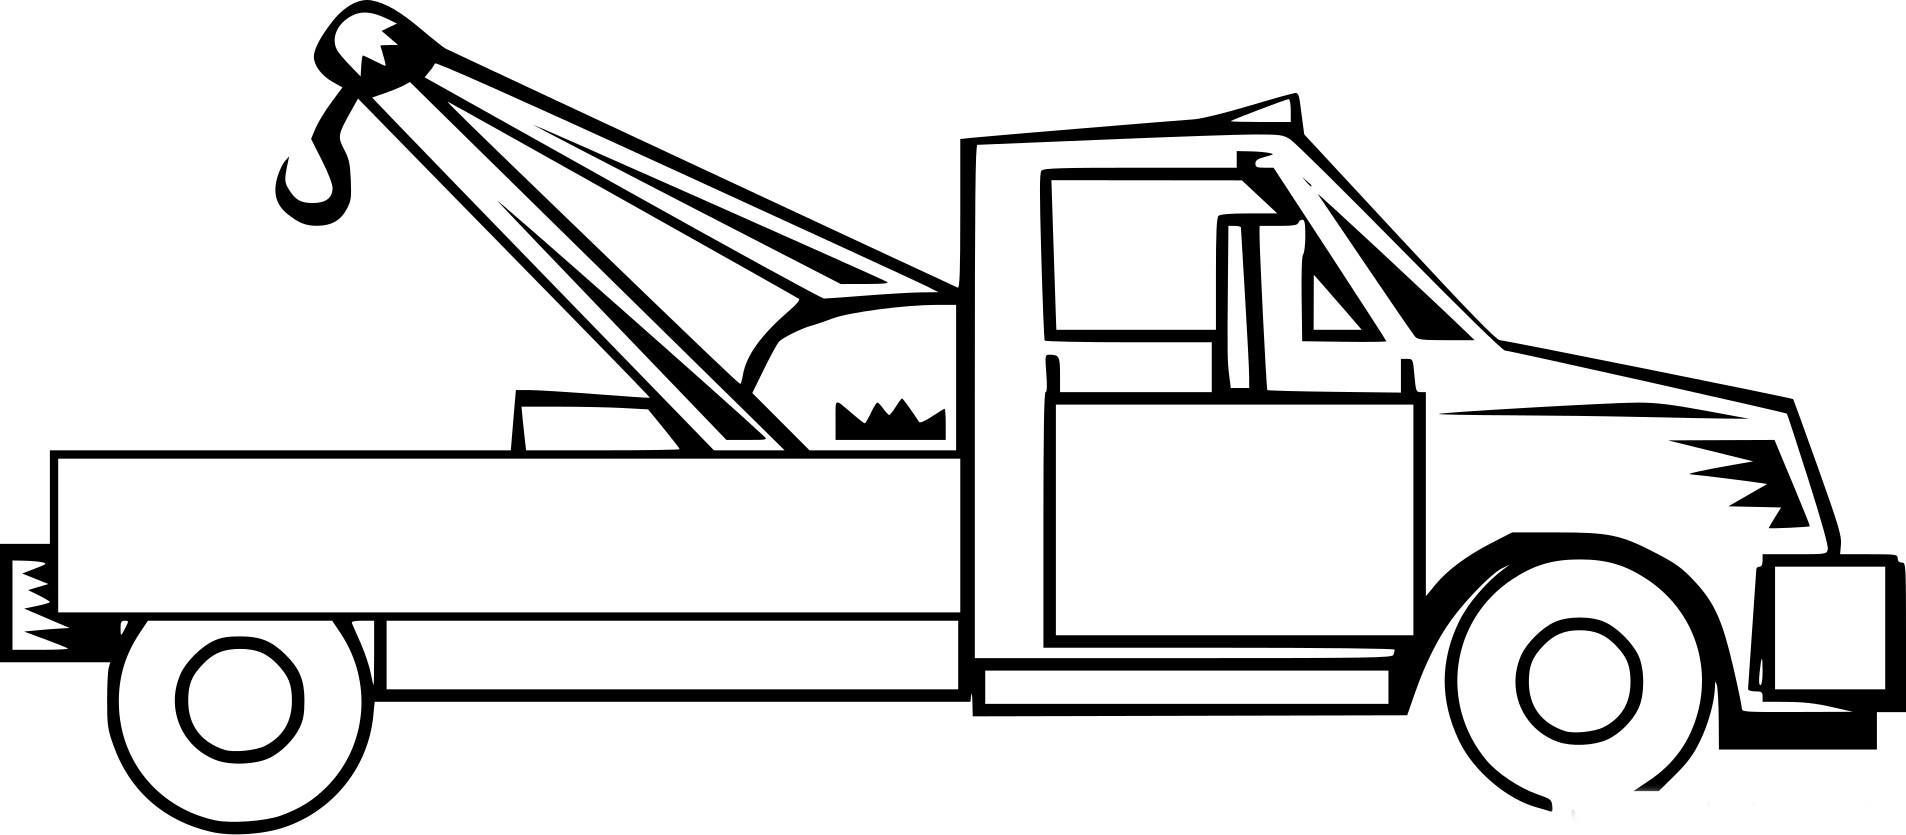 Coloriage depanneuse et dessin imprimer - Camping car a colorier ...